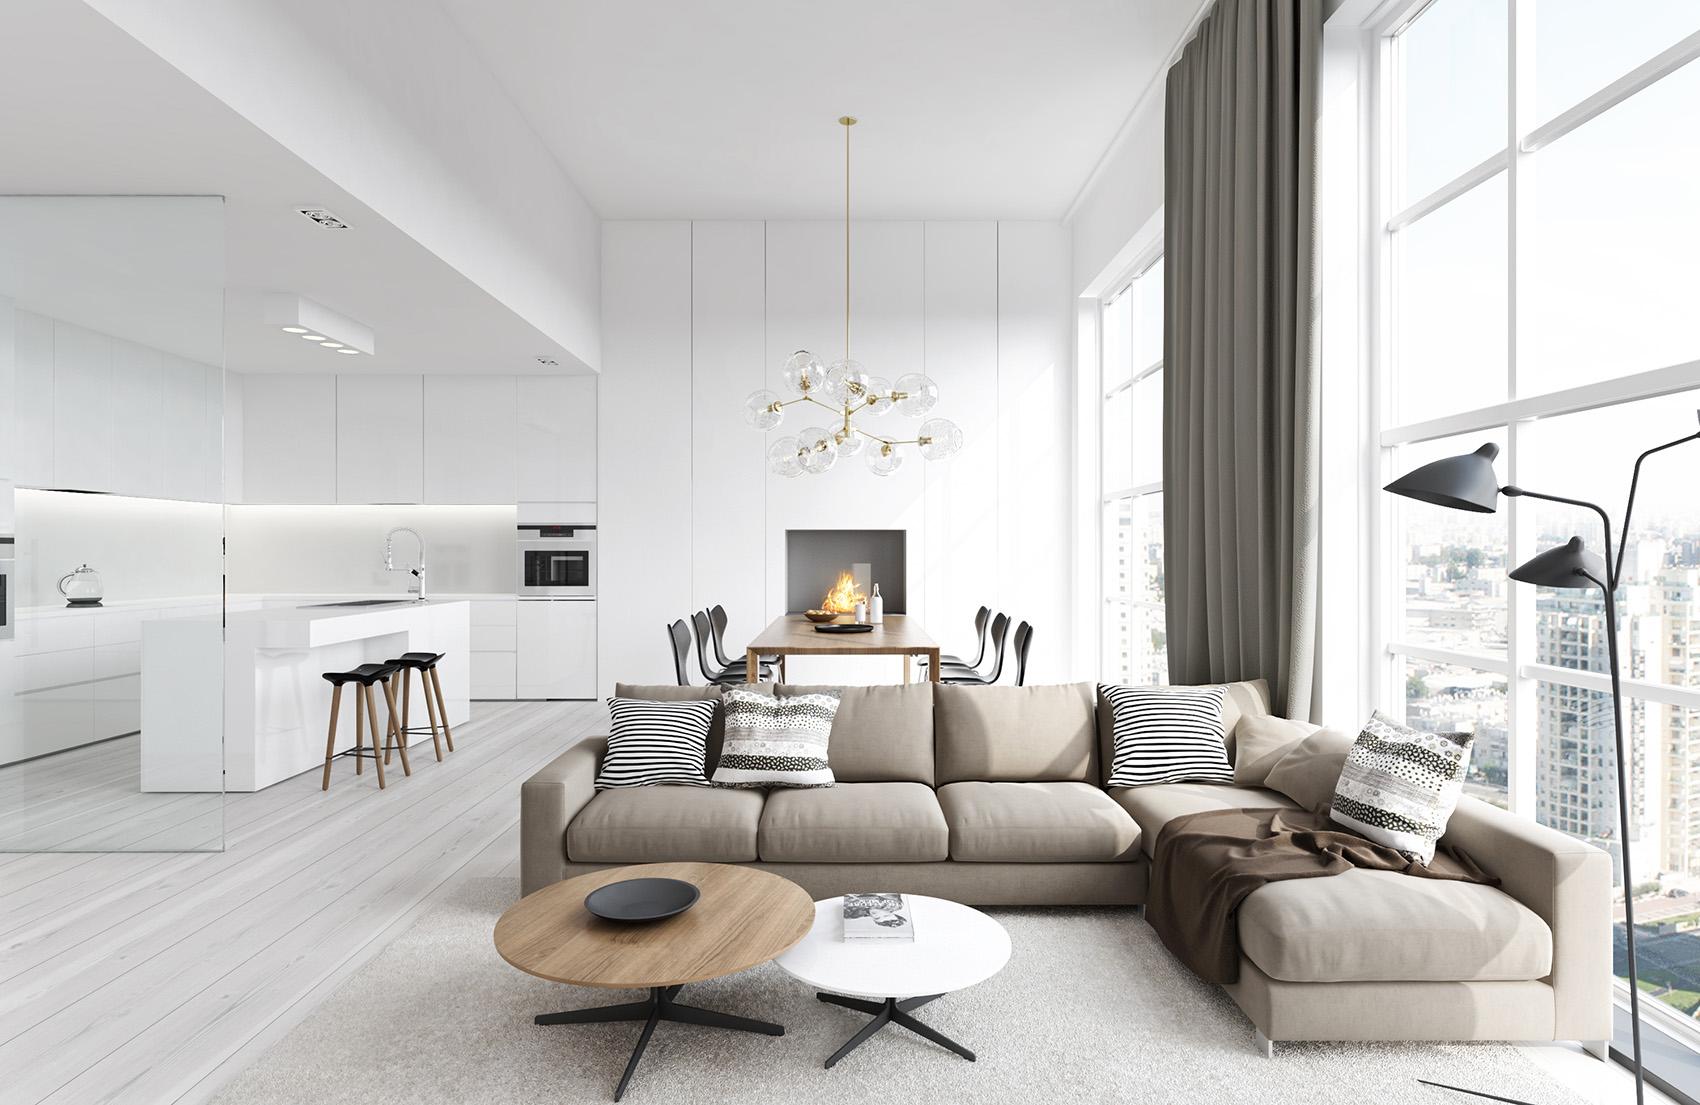 modern nappali és nappali bútorok letisztult és egyszerű, minimalista stílusban - fehér világos színben